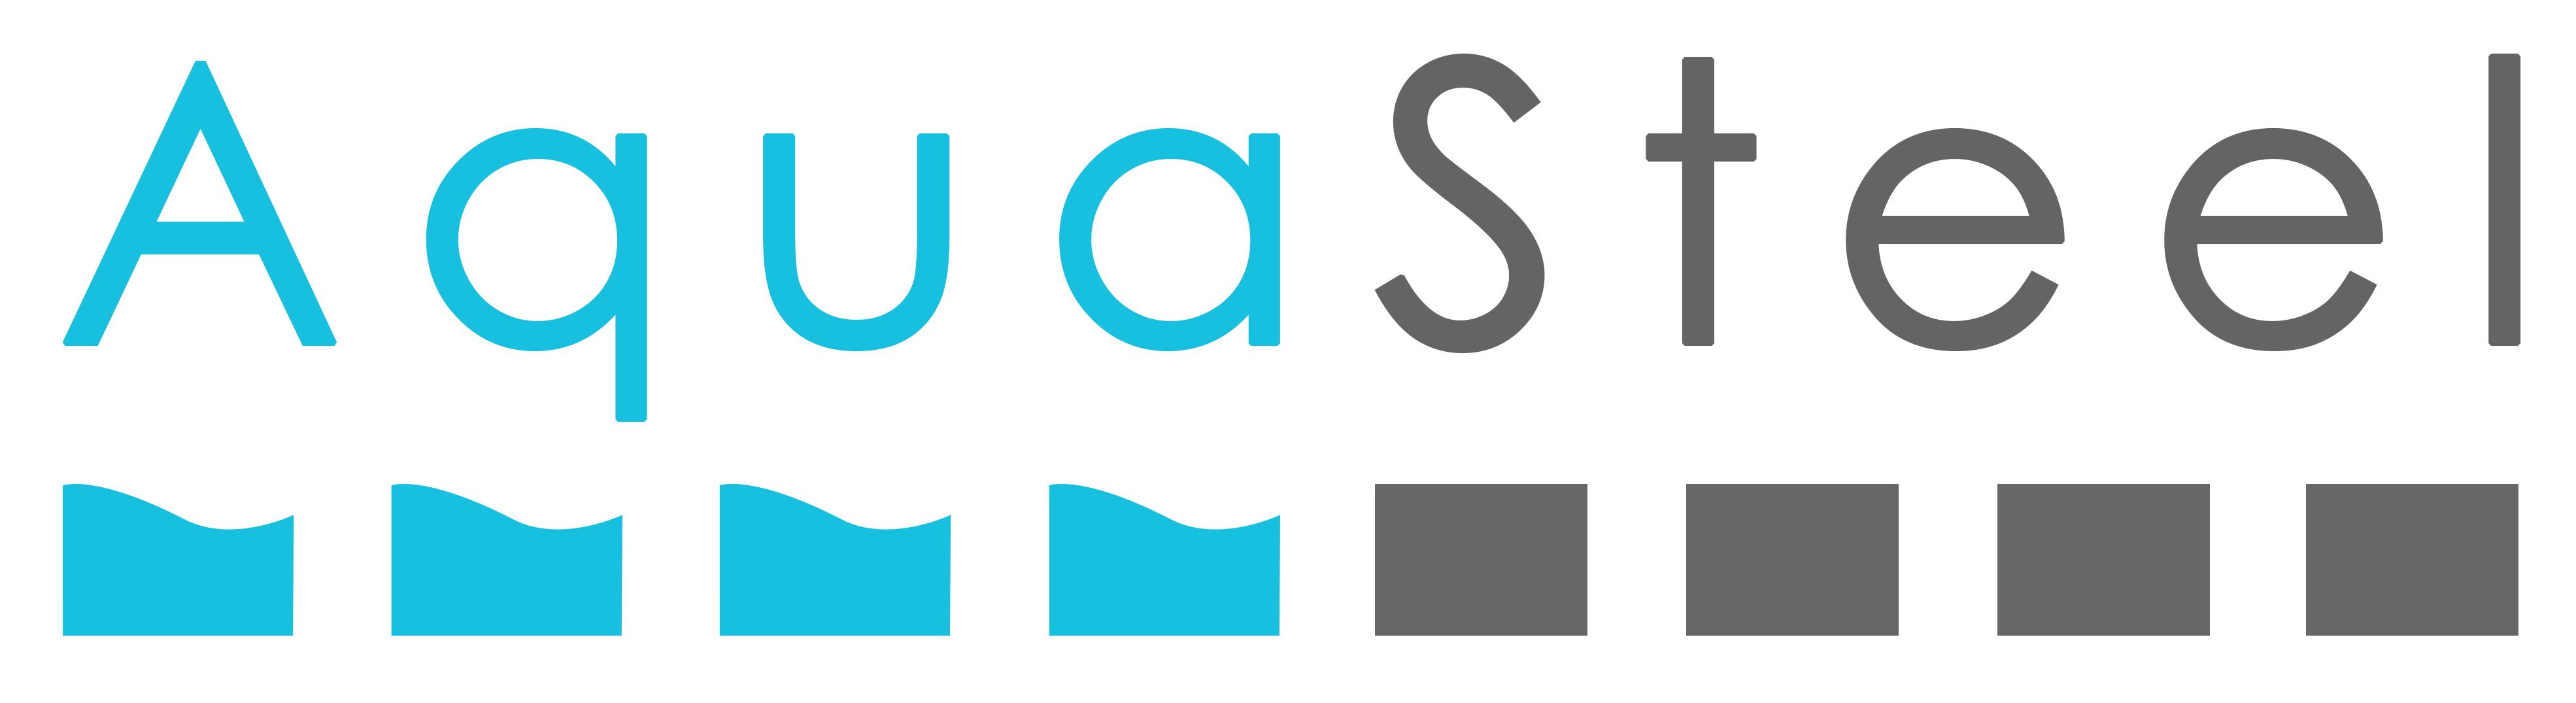 AquaSteel_flat_1_logo